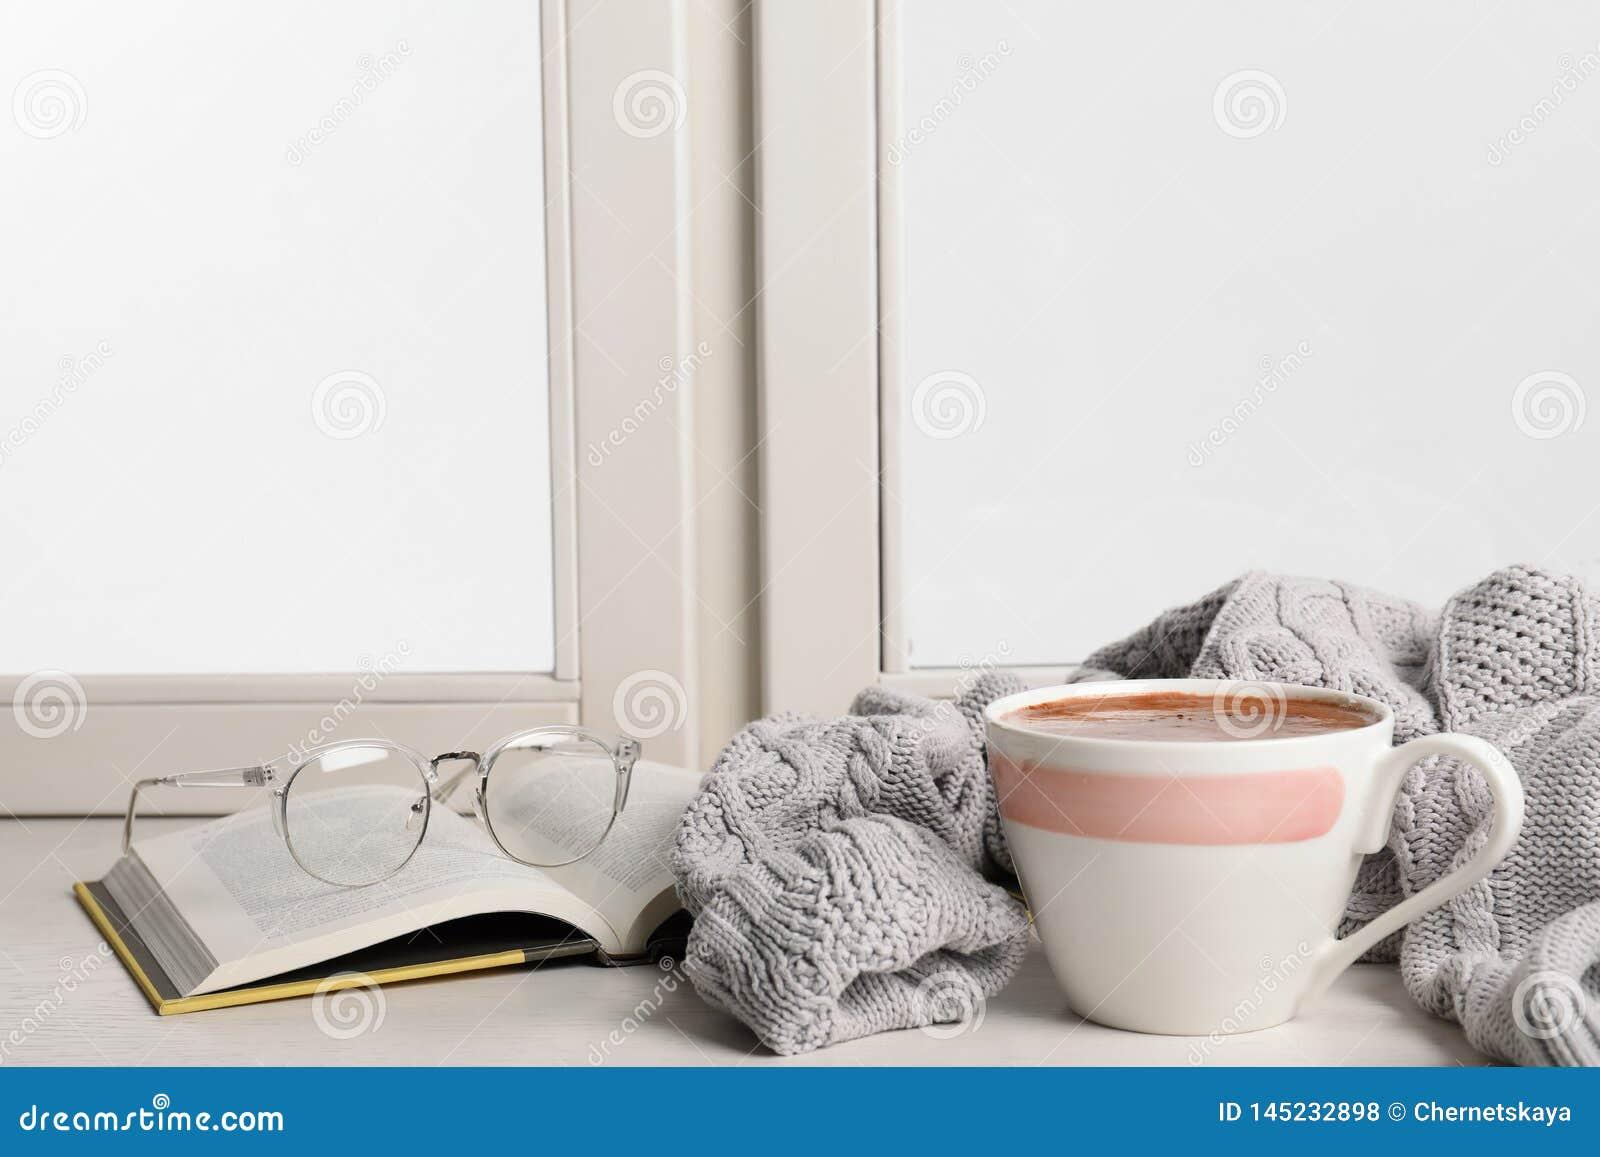 Composición con la taza de chocolate caliente y de libro en el alféizar, espacio para el texto